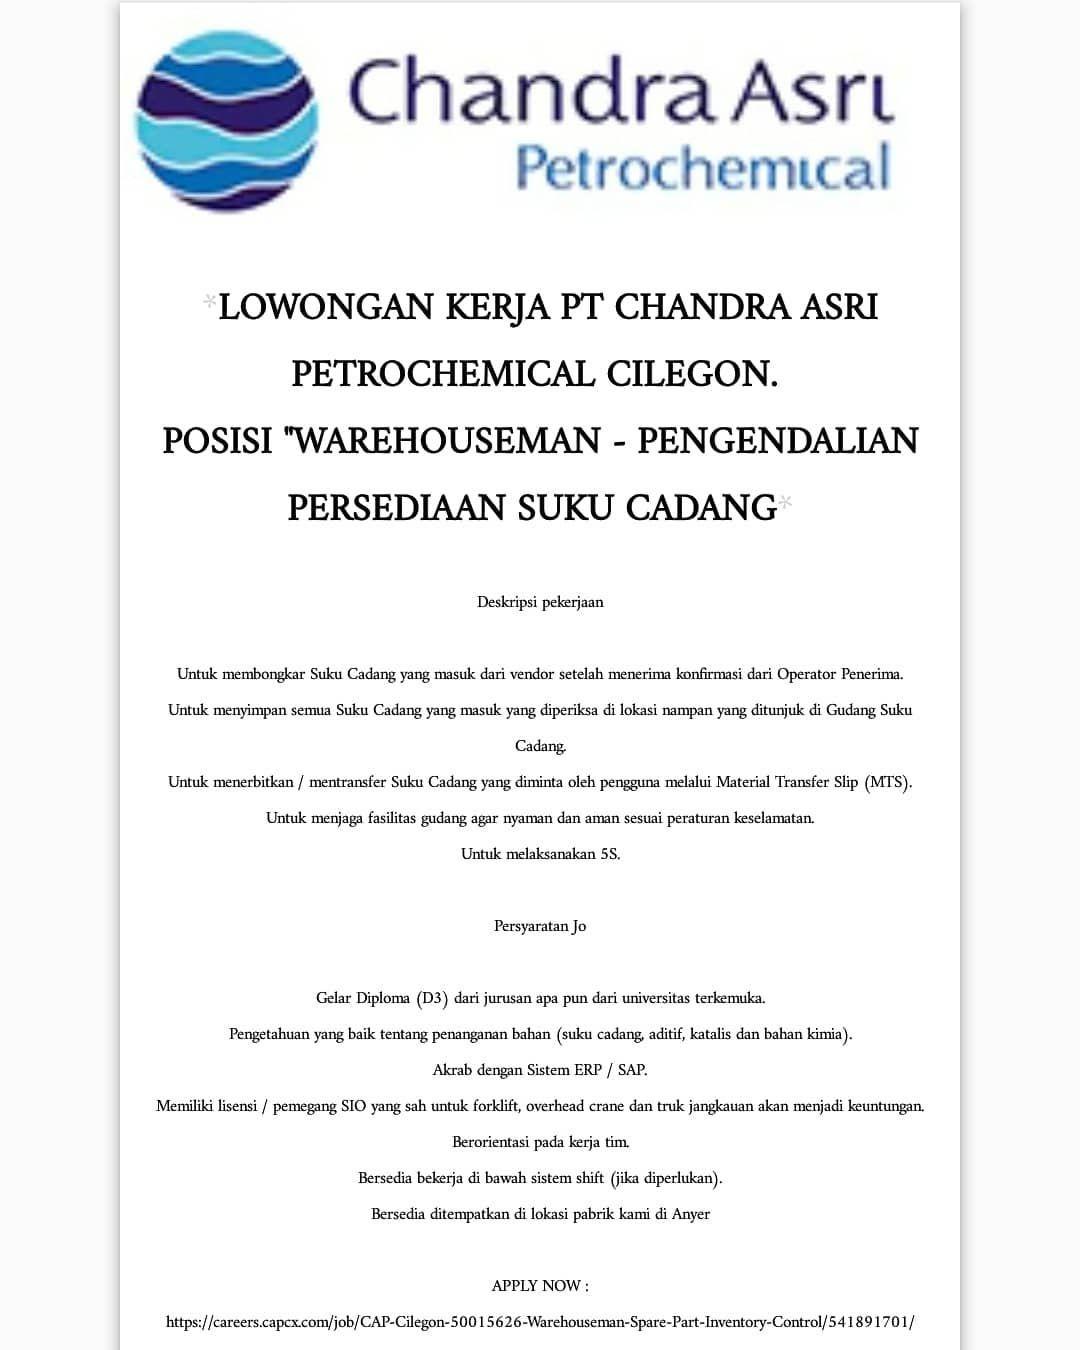 Lowongan Kerja Pt Chandra Asri Petrochemical Cilegon Bagi Yang Berminat Silahkan Langsung Dilamar Simak Informasinya Dengan Baik Lokerswasta With Images Screenshots